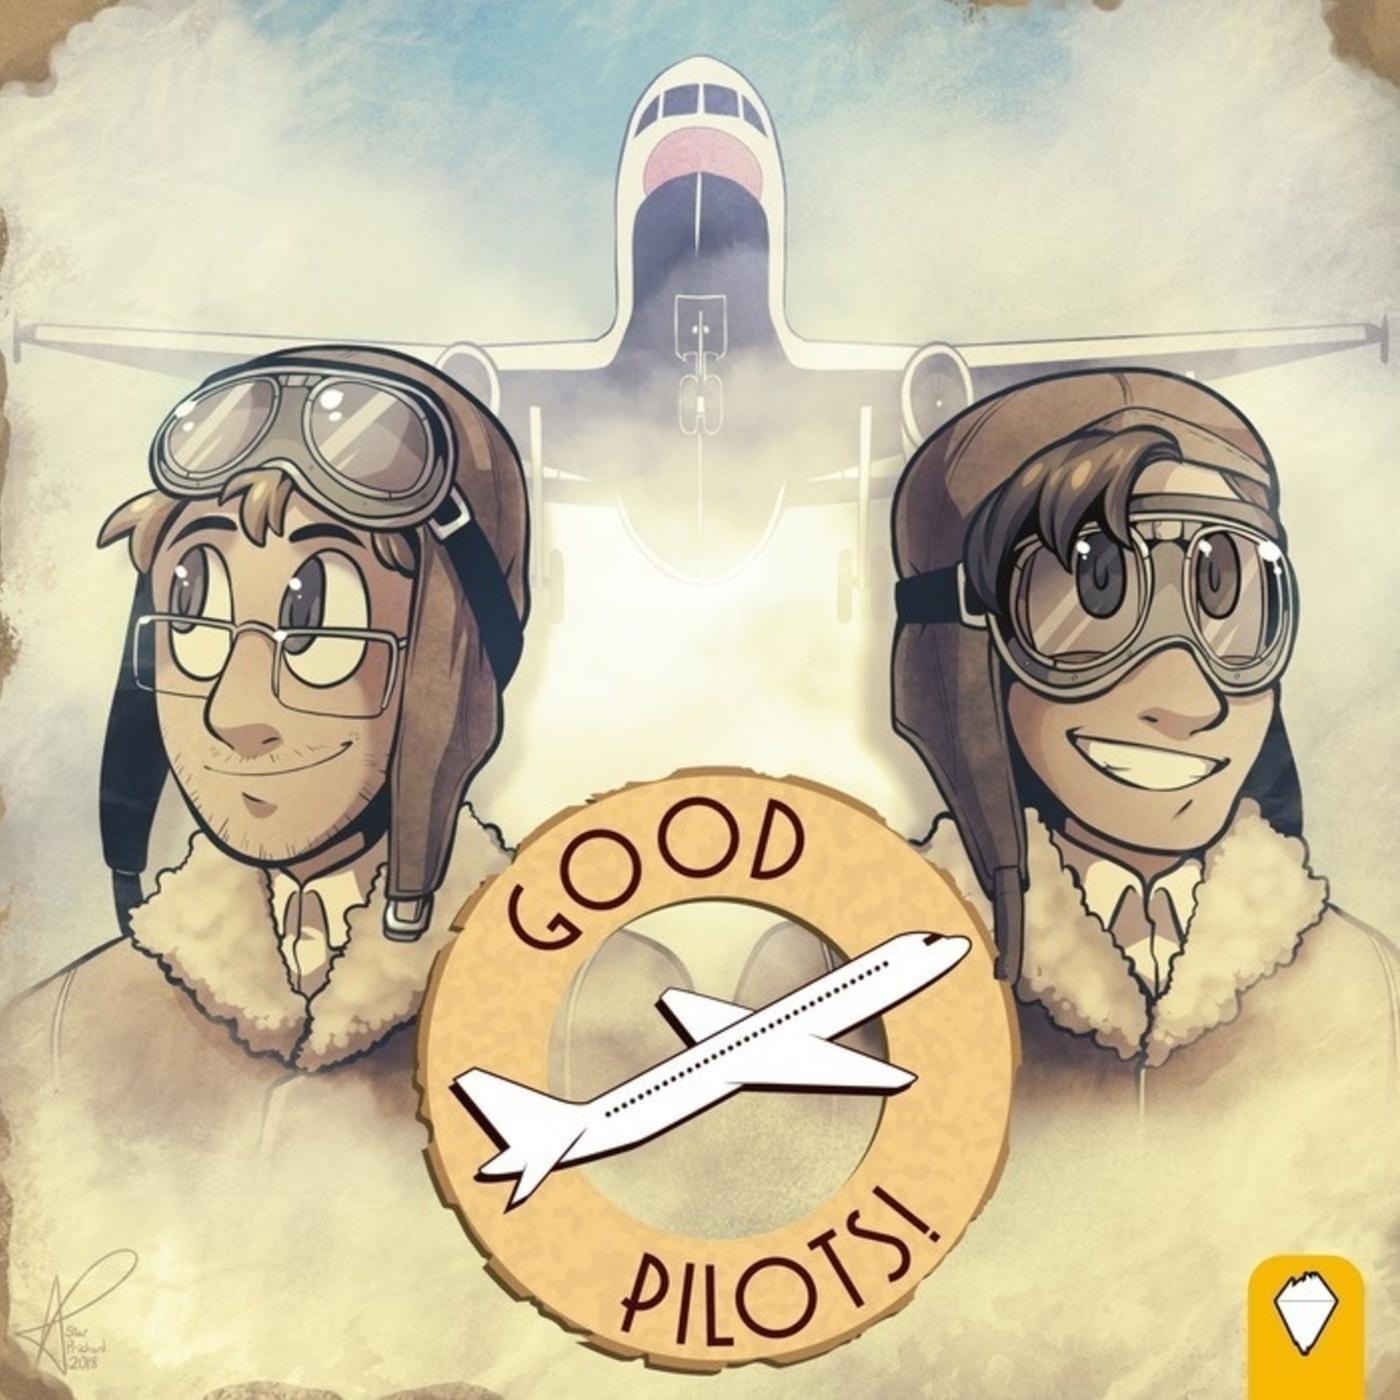 Good Pilot